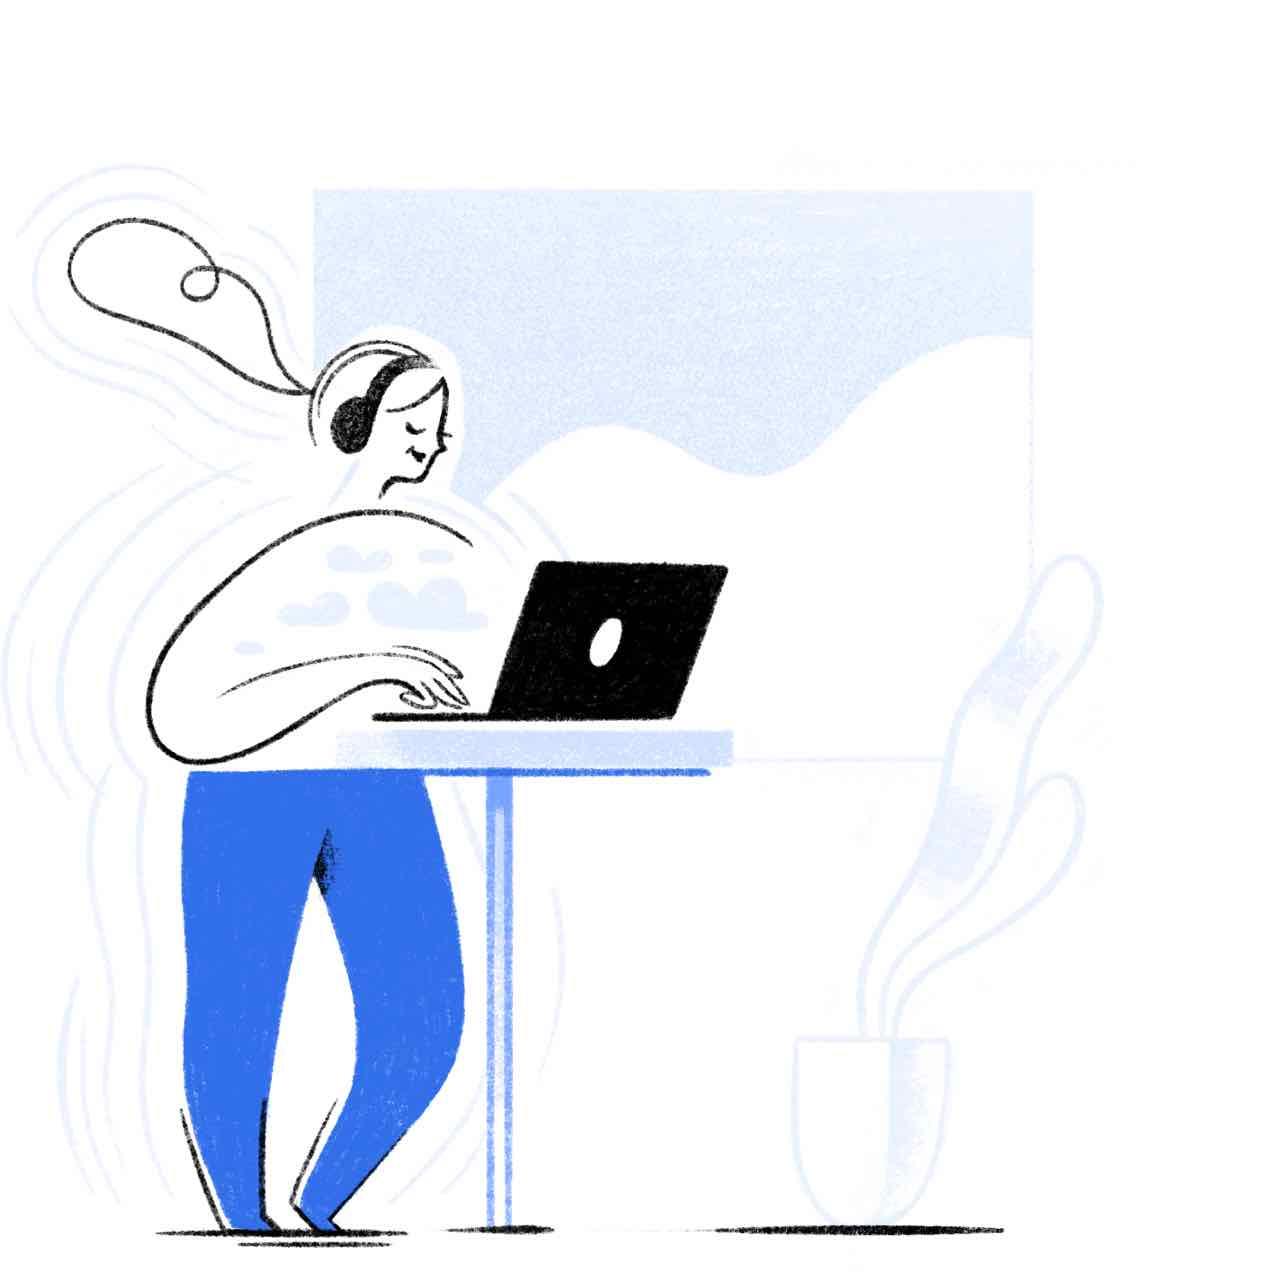 usuário do twist trabalhando tranquilamente e em silêncio